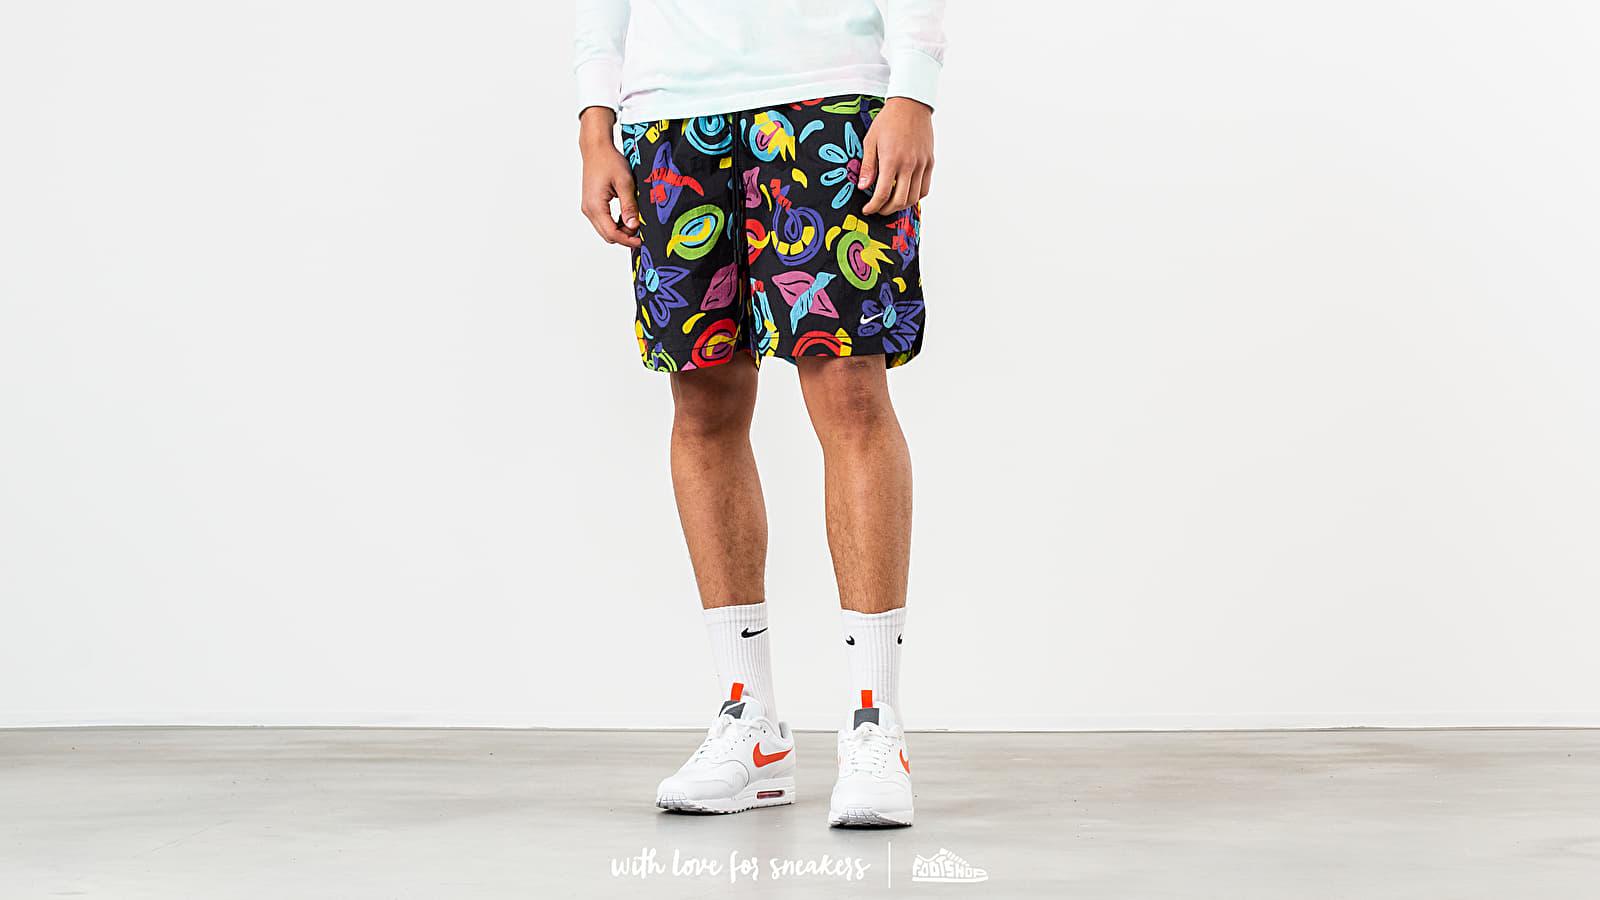 Nike NRG Swim Shorts Multicolor nagyszerű árakon 17 508 Ft vásárolj a Footshopban